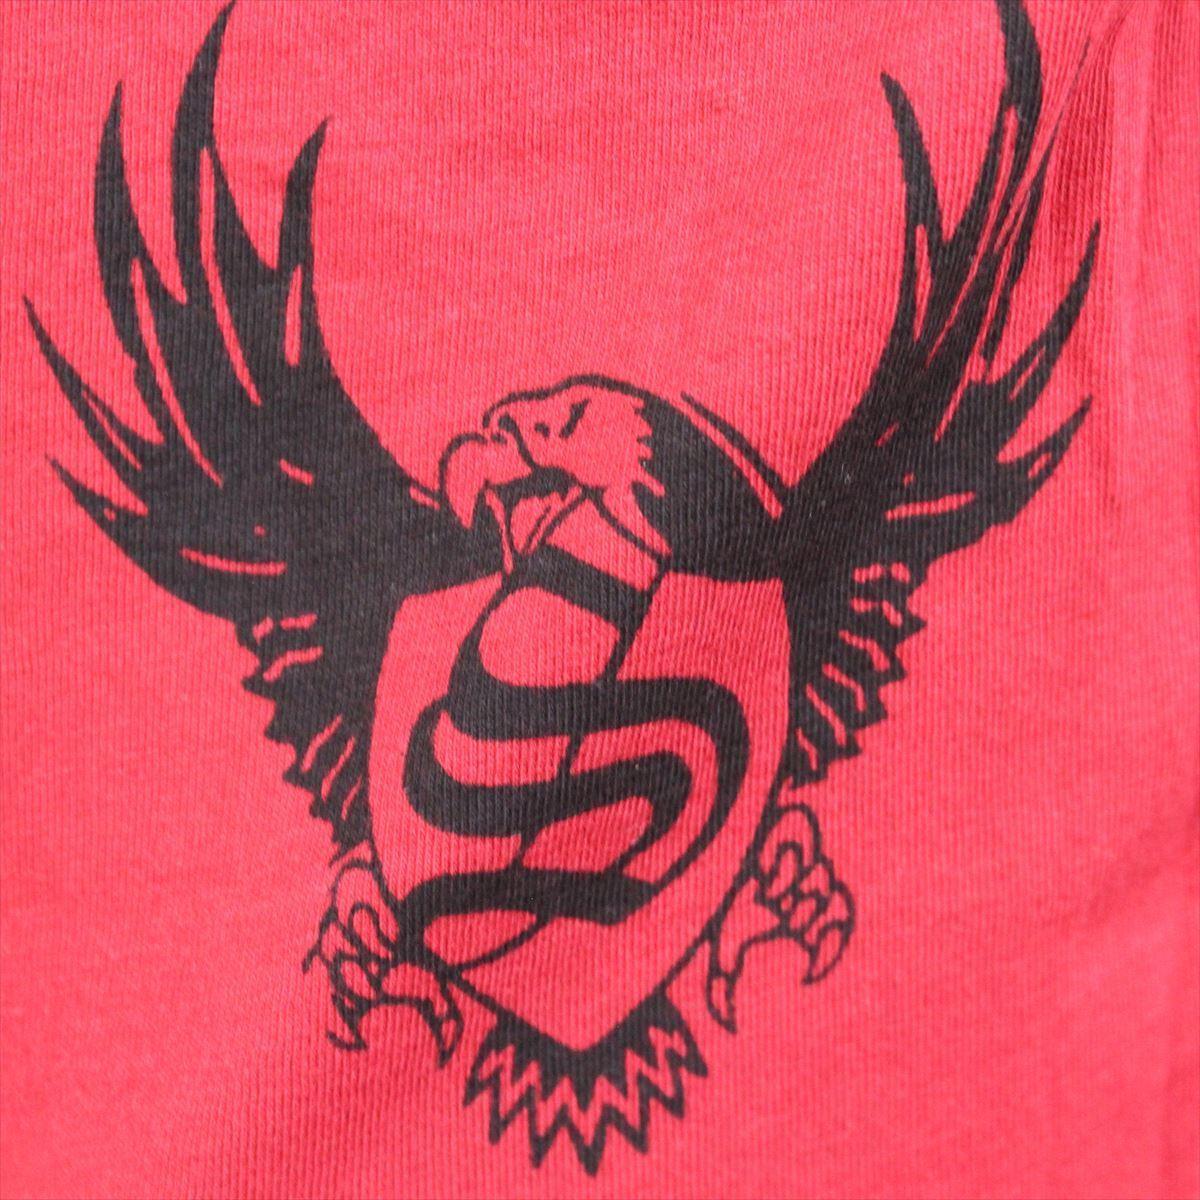 スメット SMET メンズ半袖Tシャツ レッド Sサイズ NO10 新品 赤 スカル_画像5